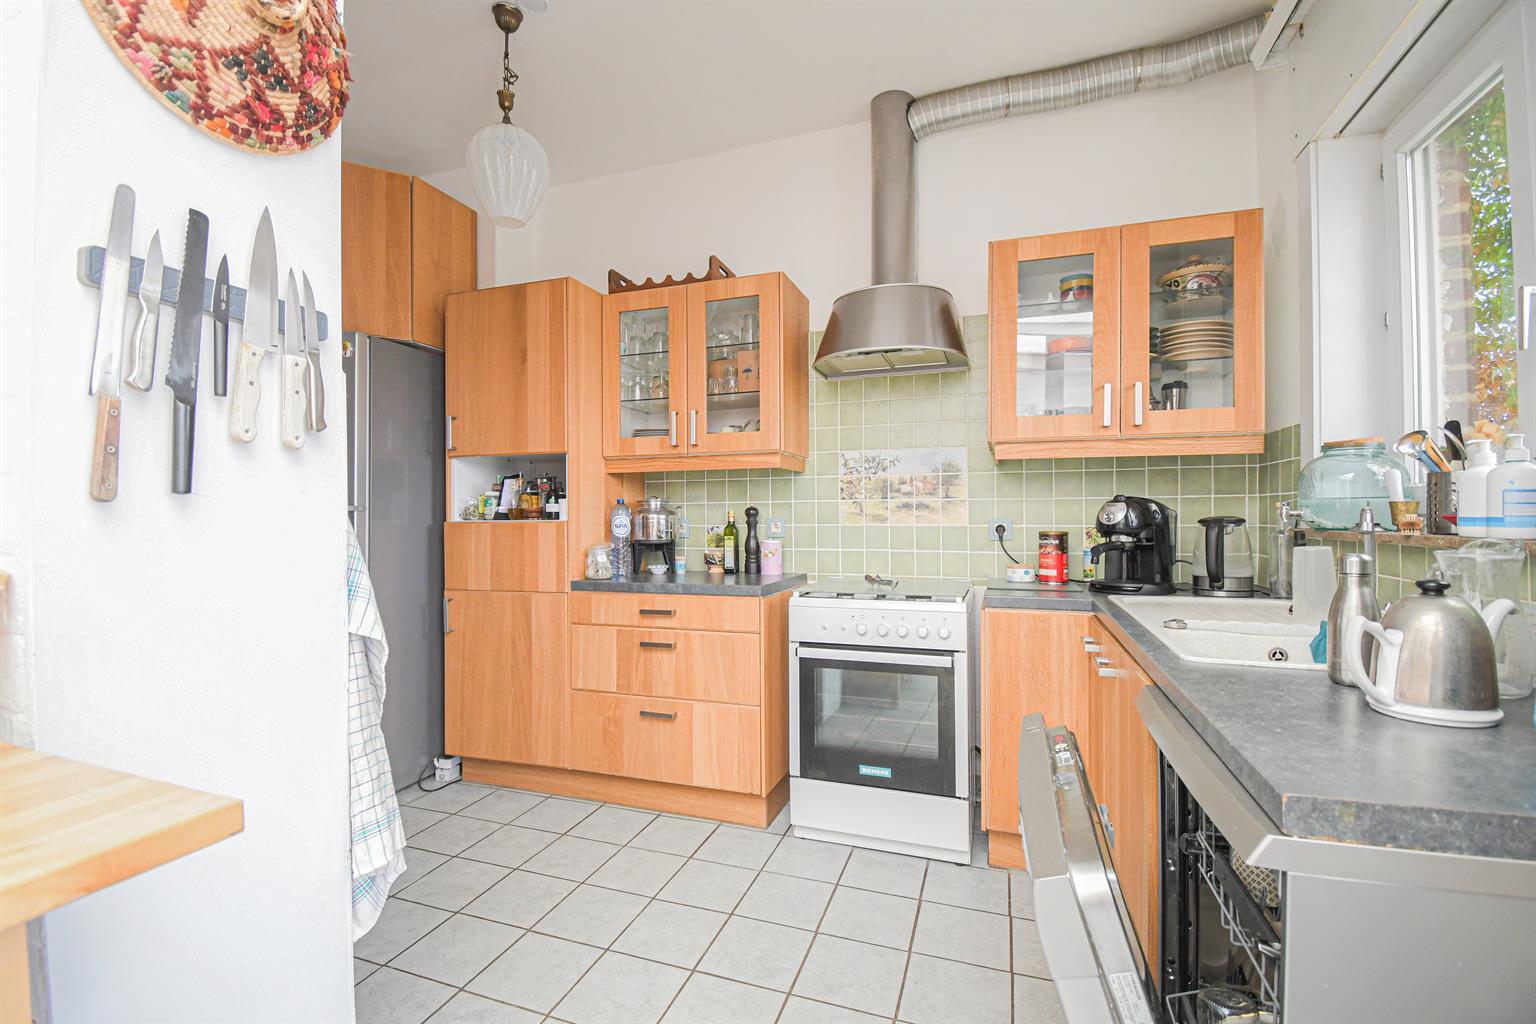 Bel-étage - Tubize - #4499957-6